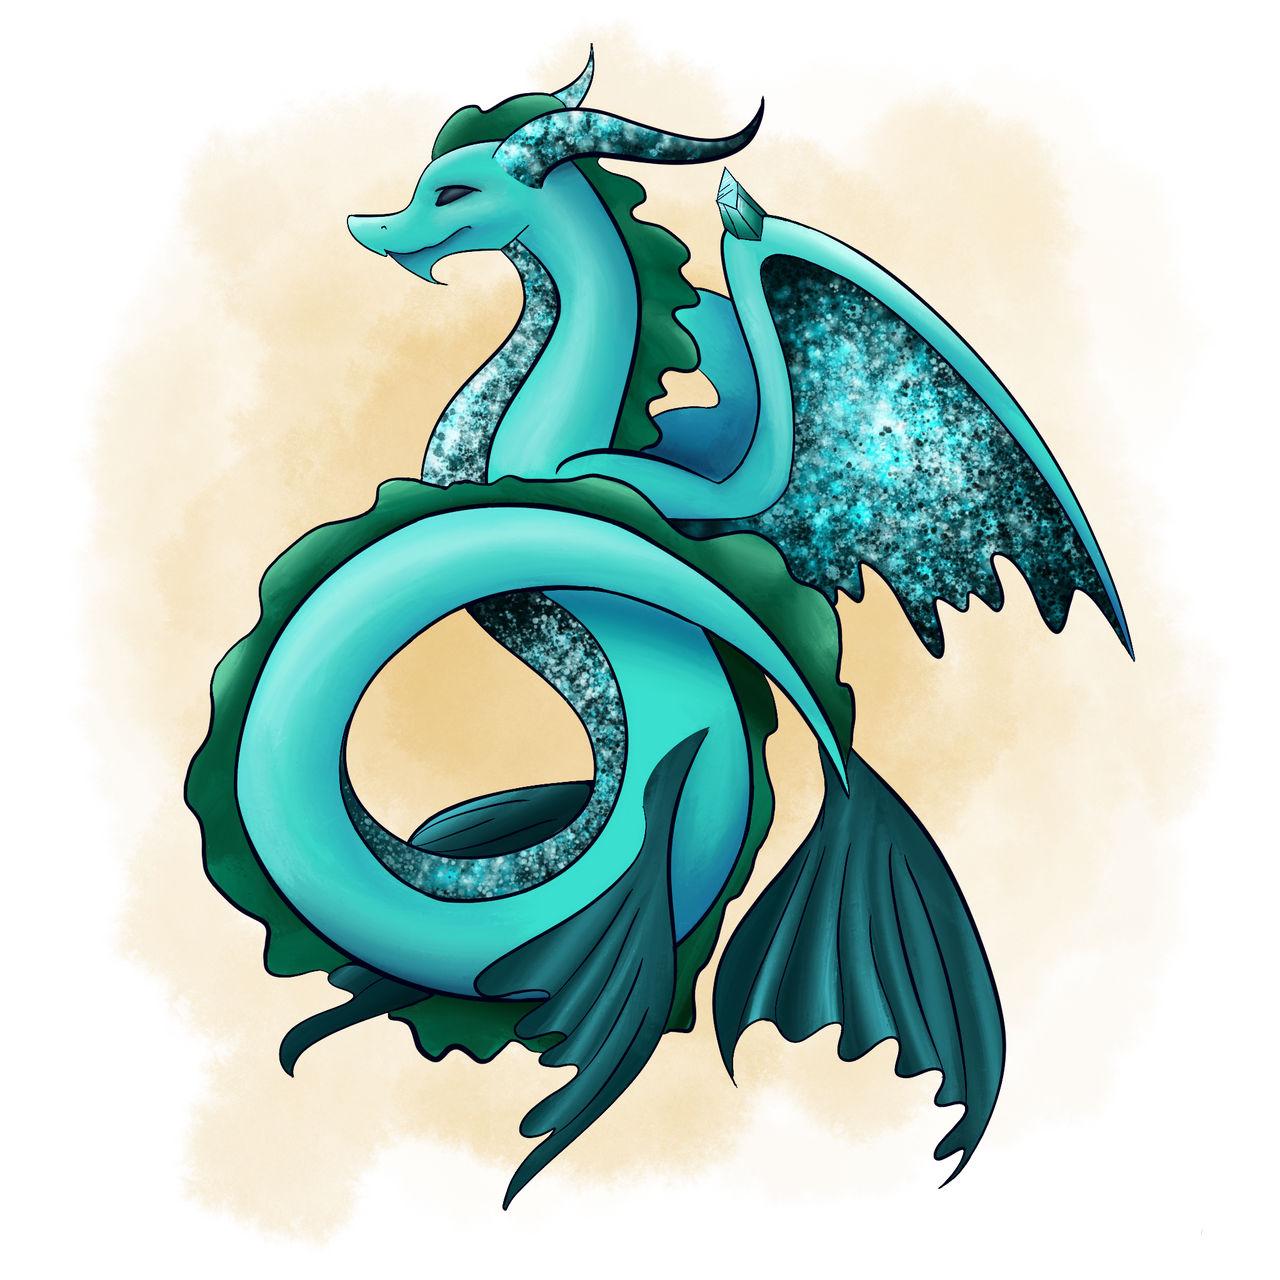 Aquamarine Dragon by emptyblackdeath